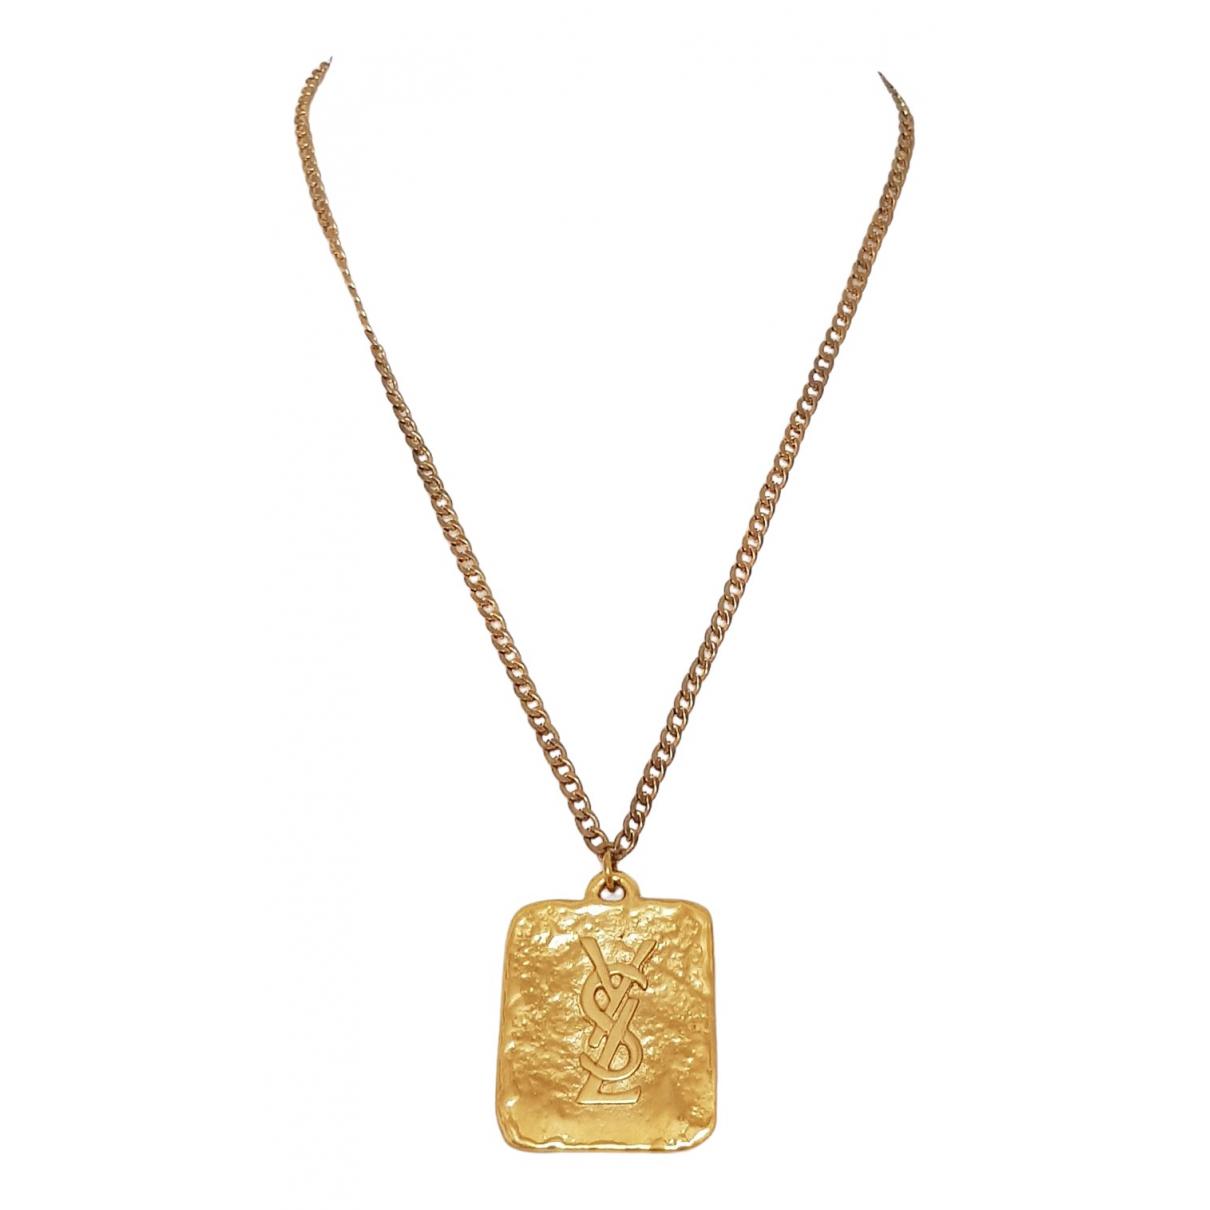 Yves Saint Laurent \N Kette in  Gold Metall